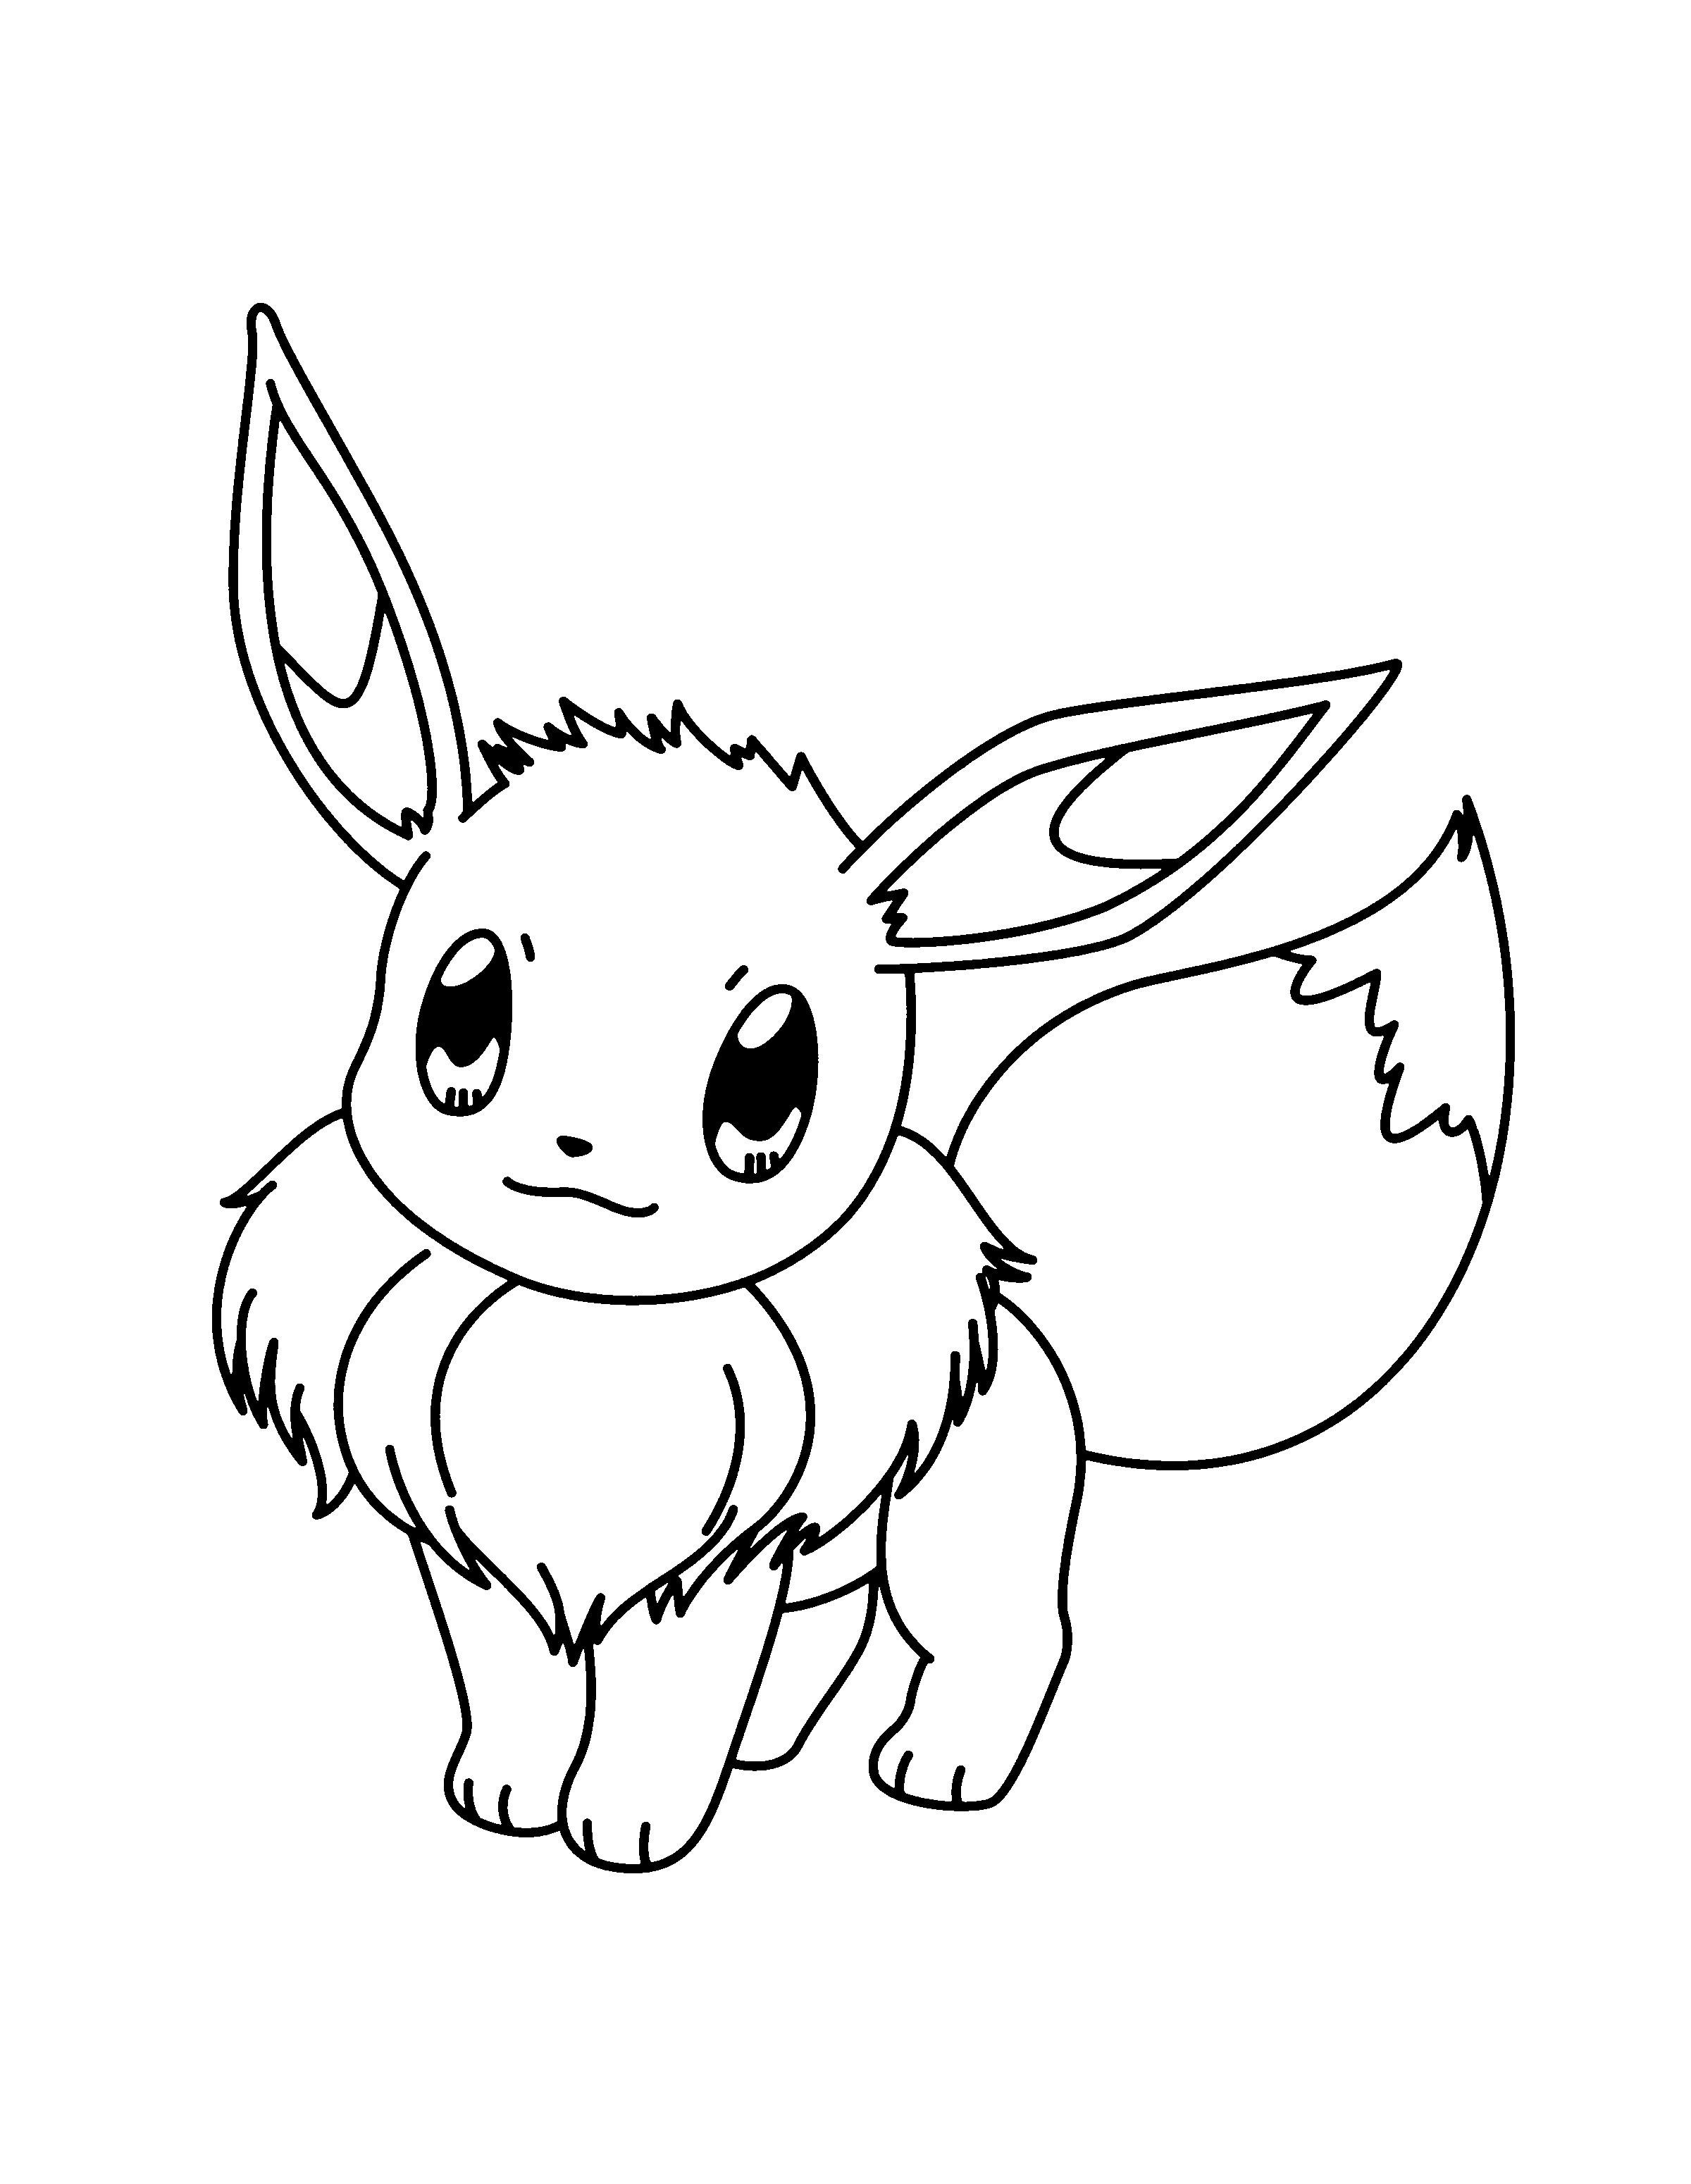 die 20 besten ideen für ausmalbilder pokemon evoli  beste